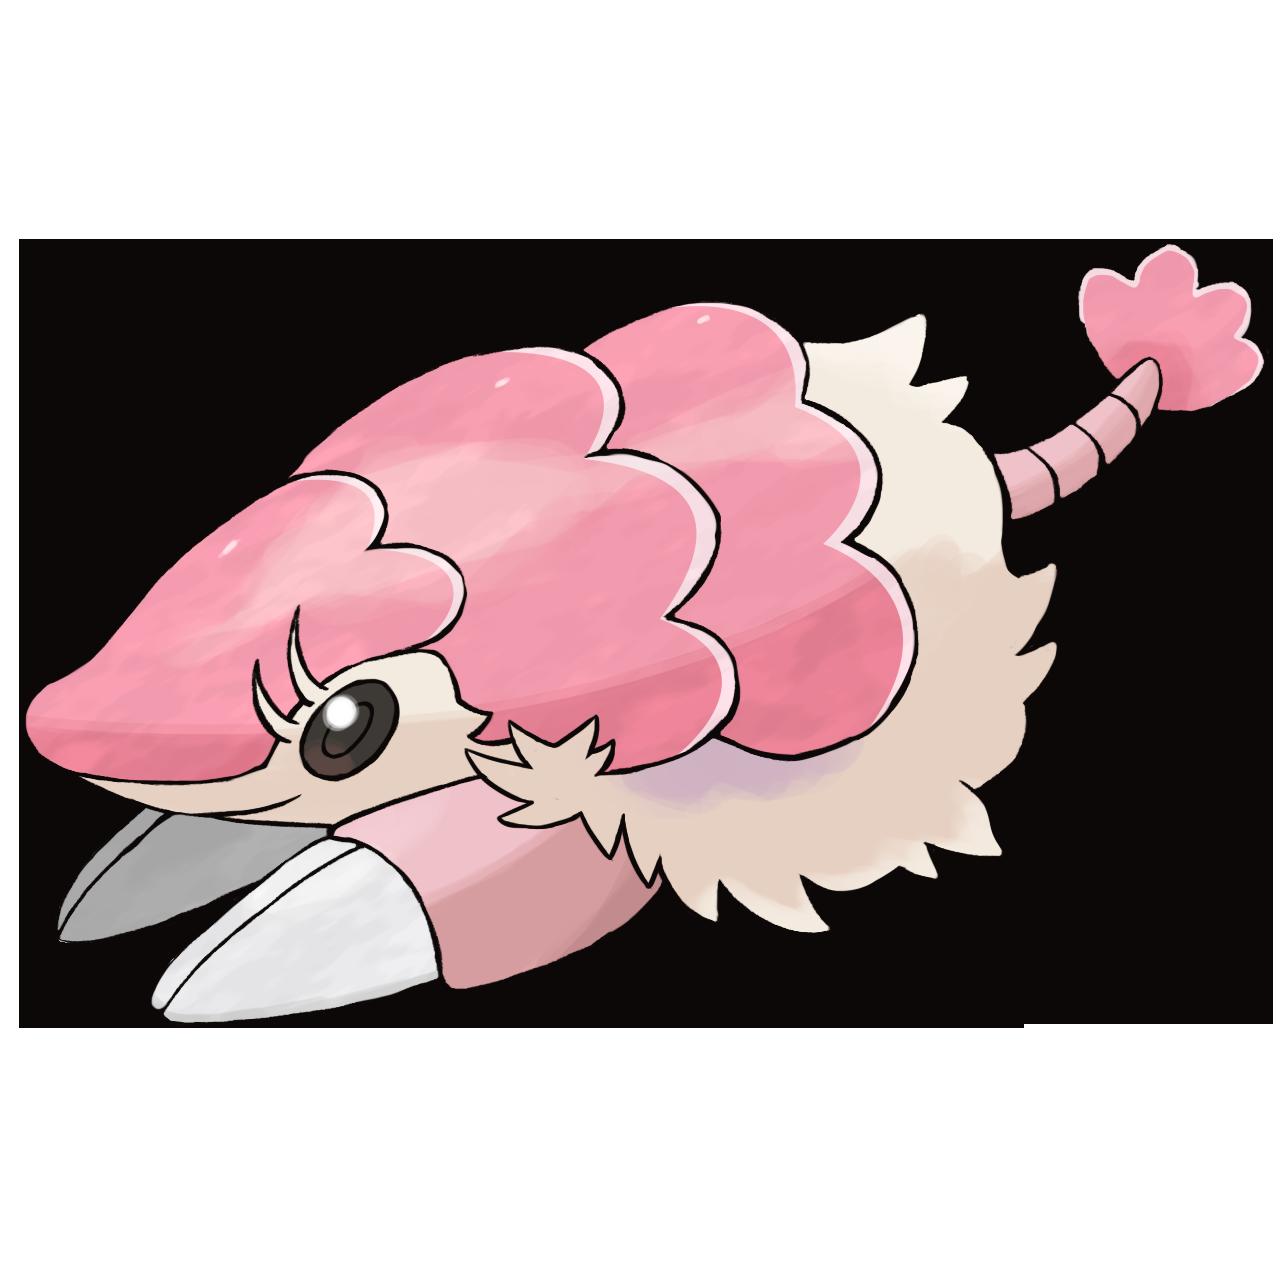 Shrimpink Pokémon Umbra Wiki Fandom Powered By Wikia